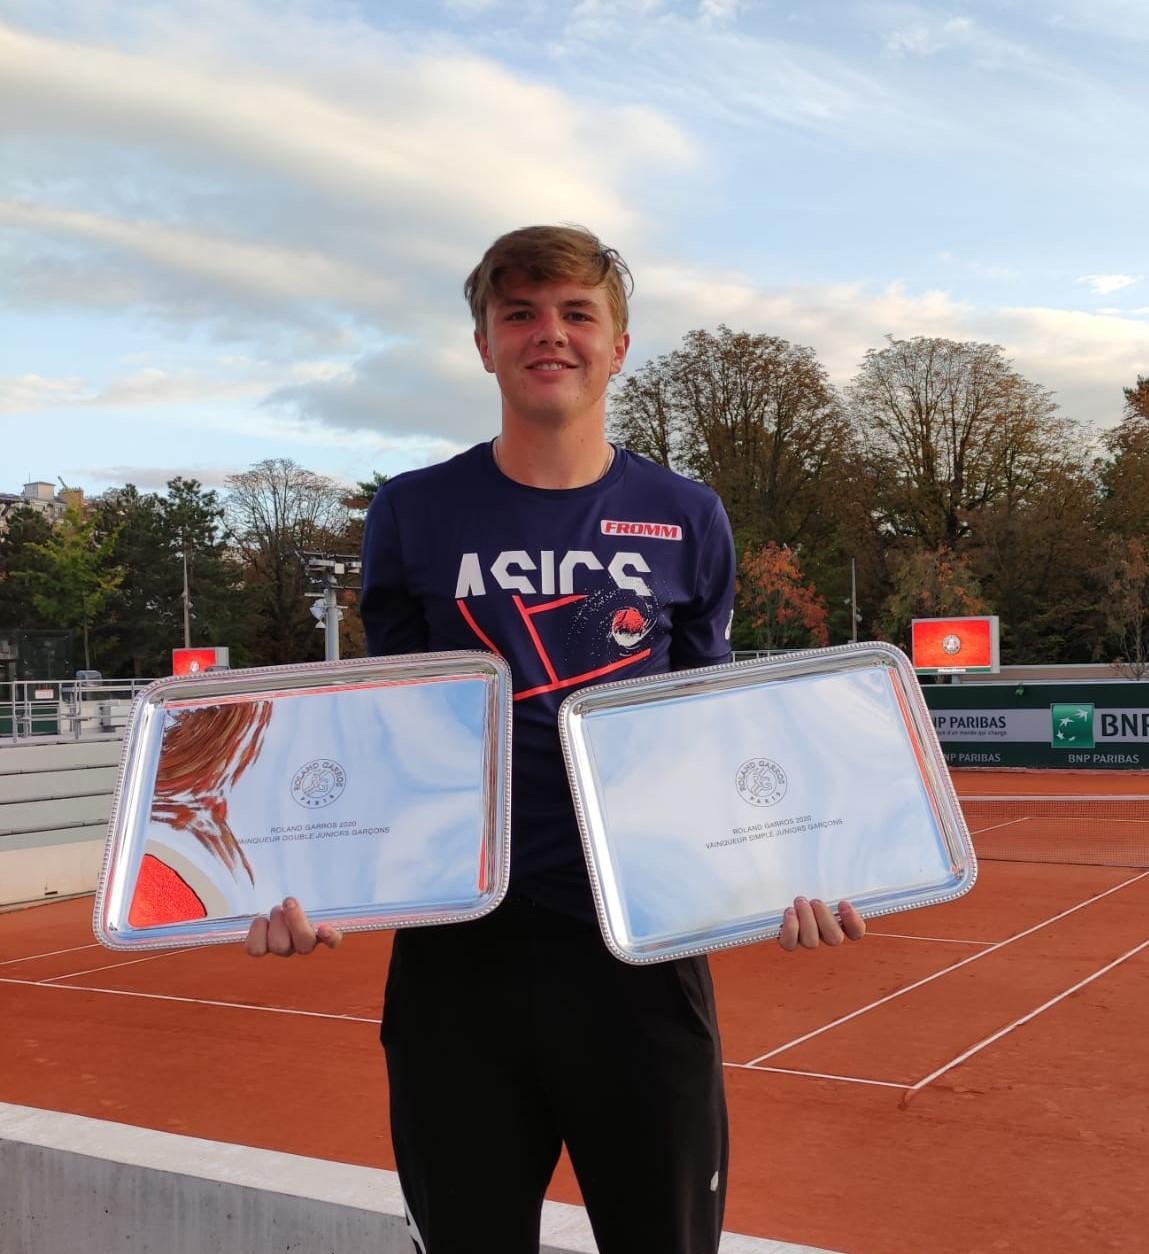 Doppelter Roland Garros Sieger 2020